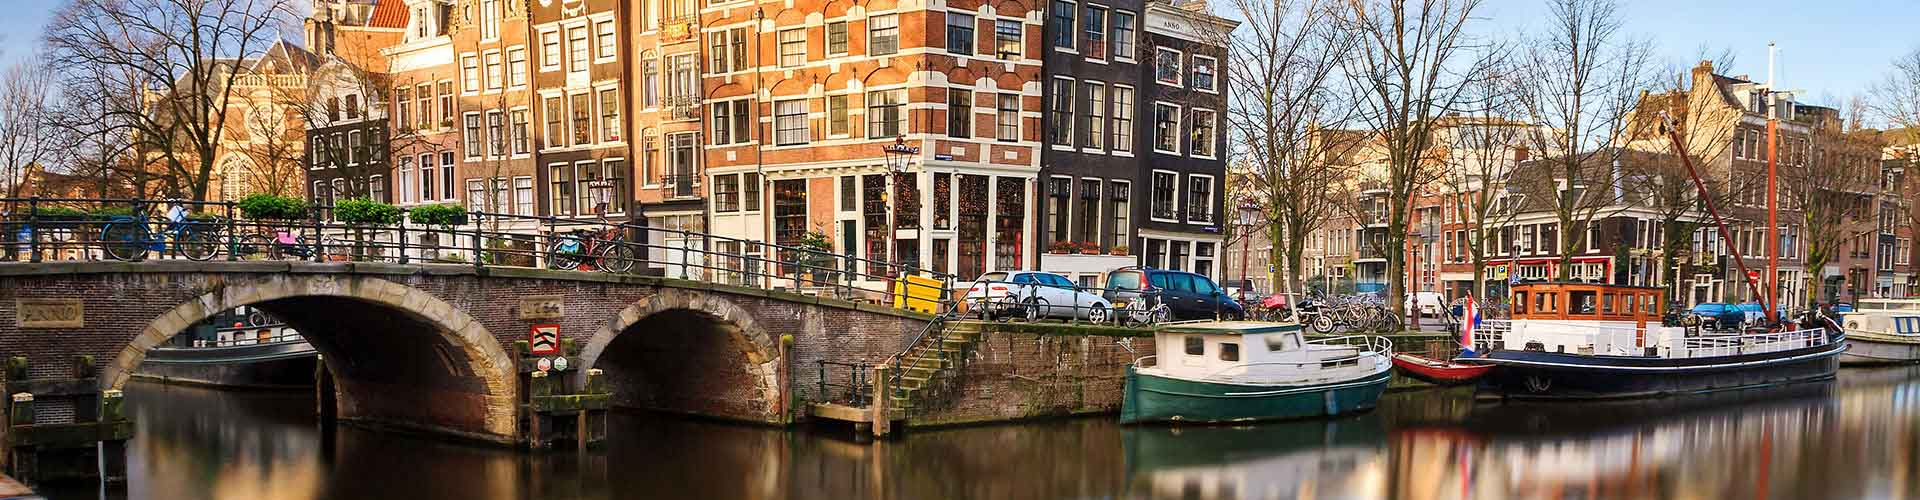 Amszterdam - Lakosztályok közel Amsterdam Bijlmer Arena pályaudvar . Amszterdam térképek, fotók és ajánlások minden egyes Amszterdam lakosztályról.